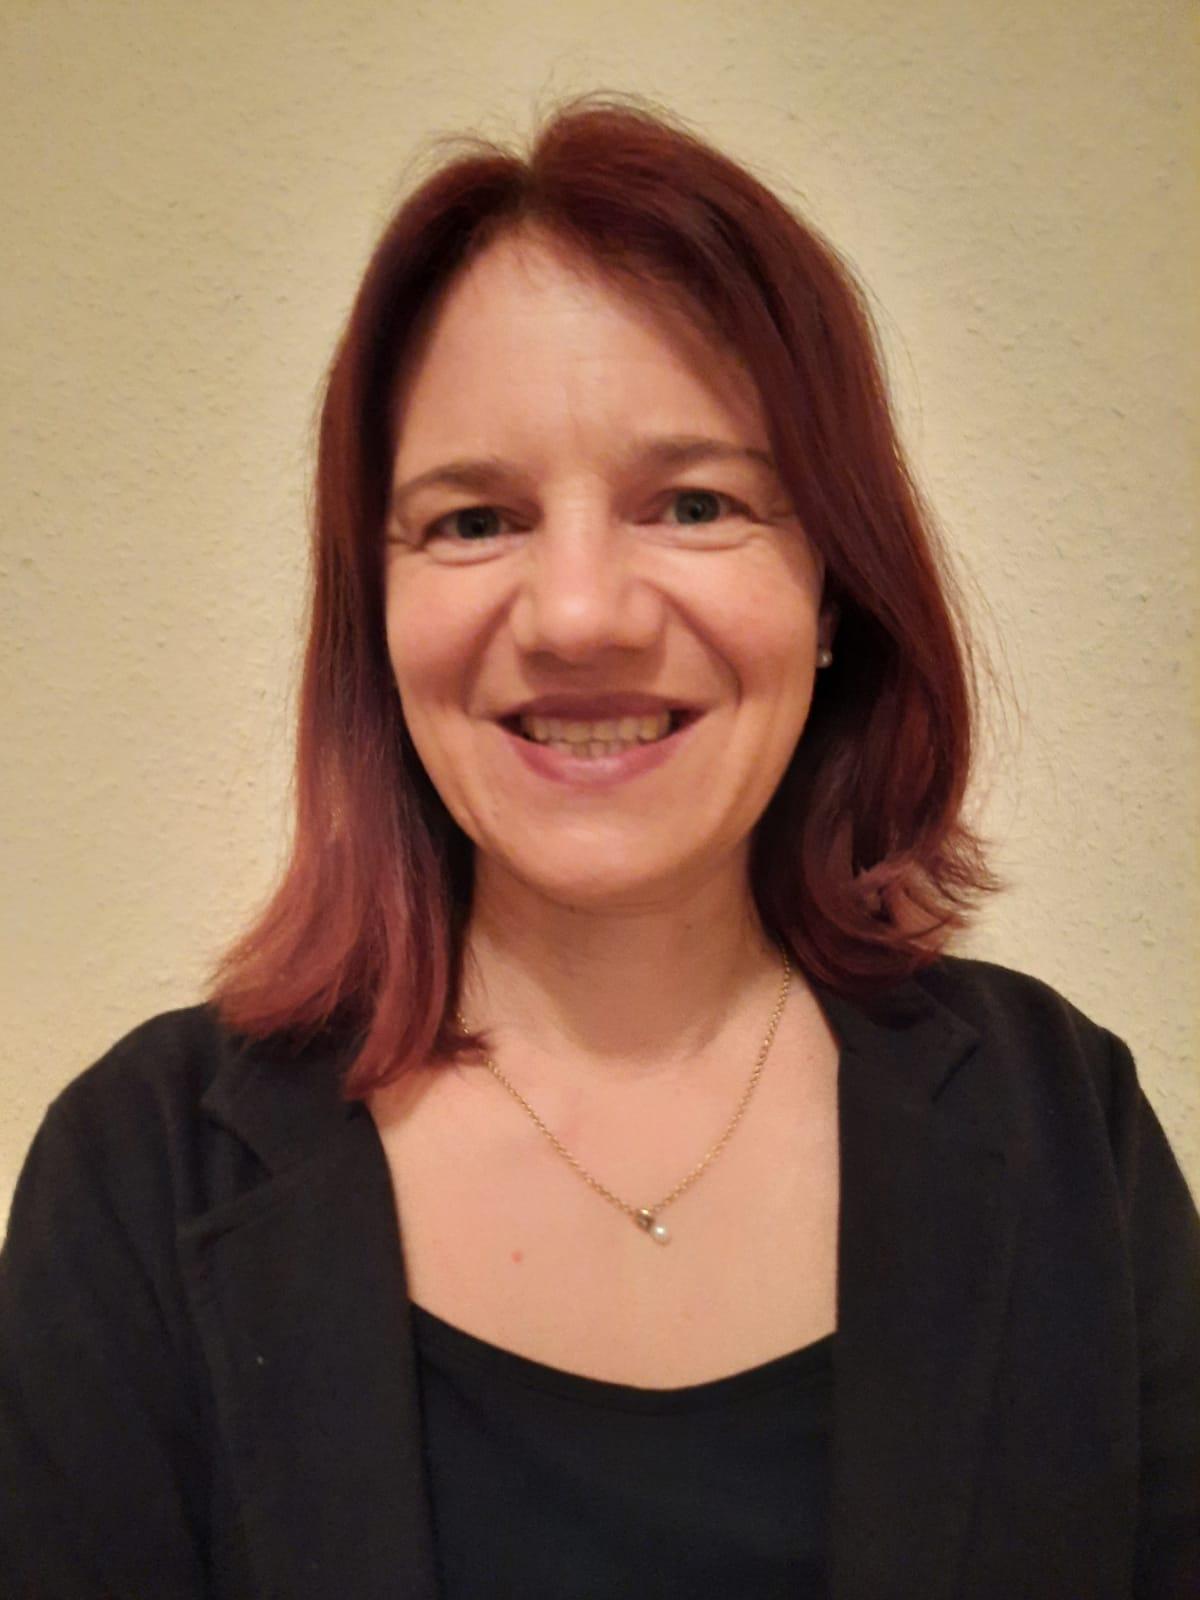 Nicole Gimbel